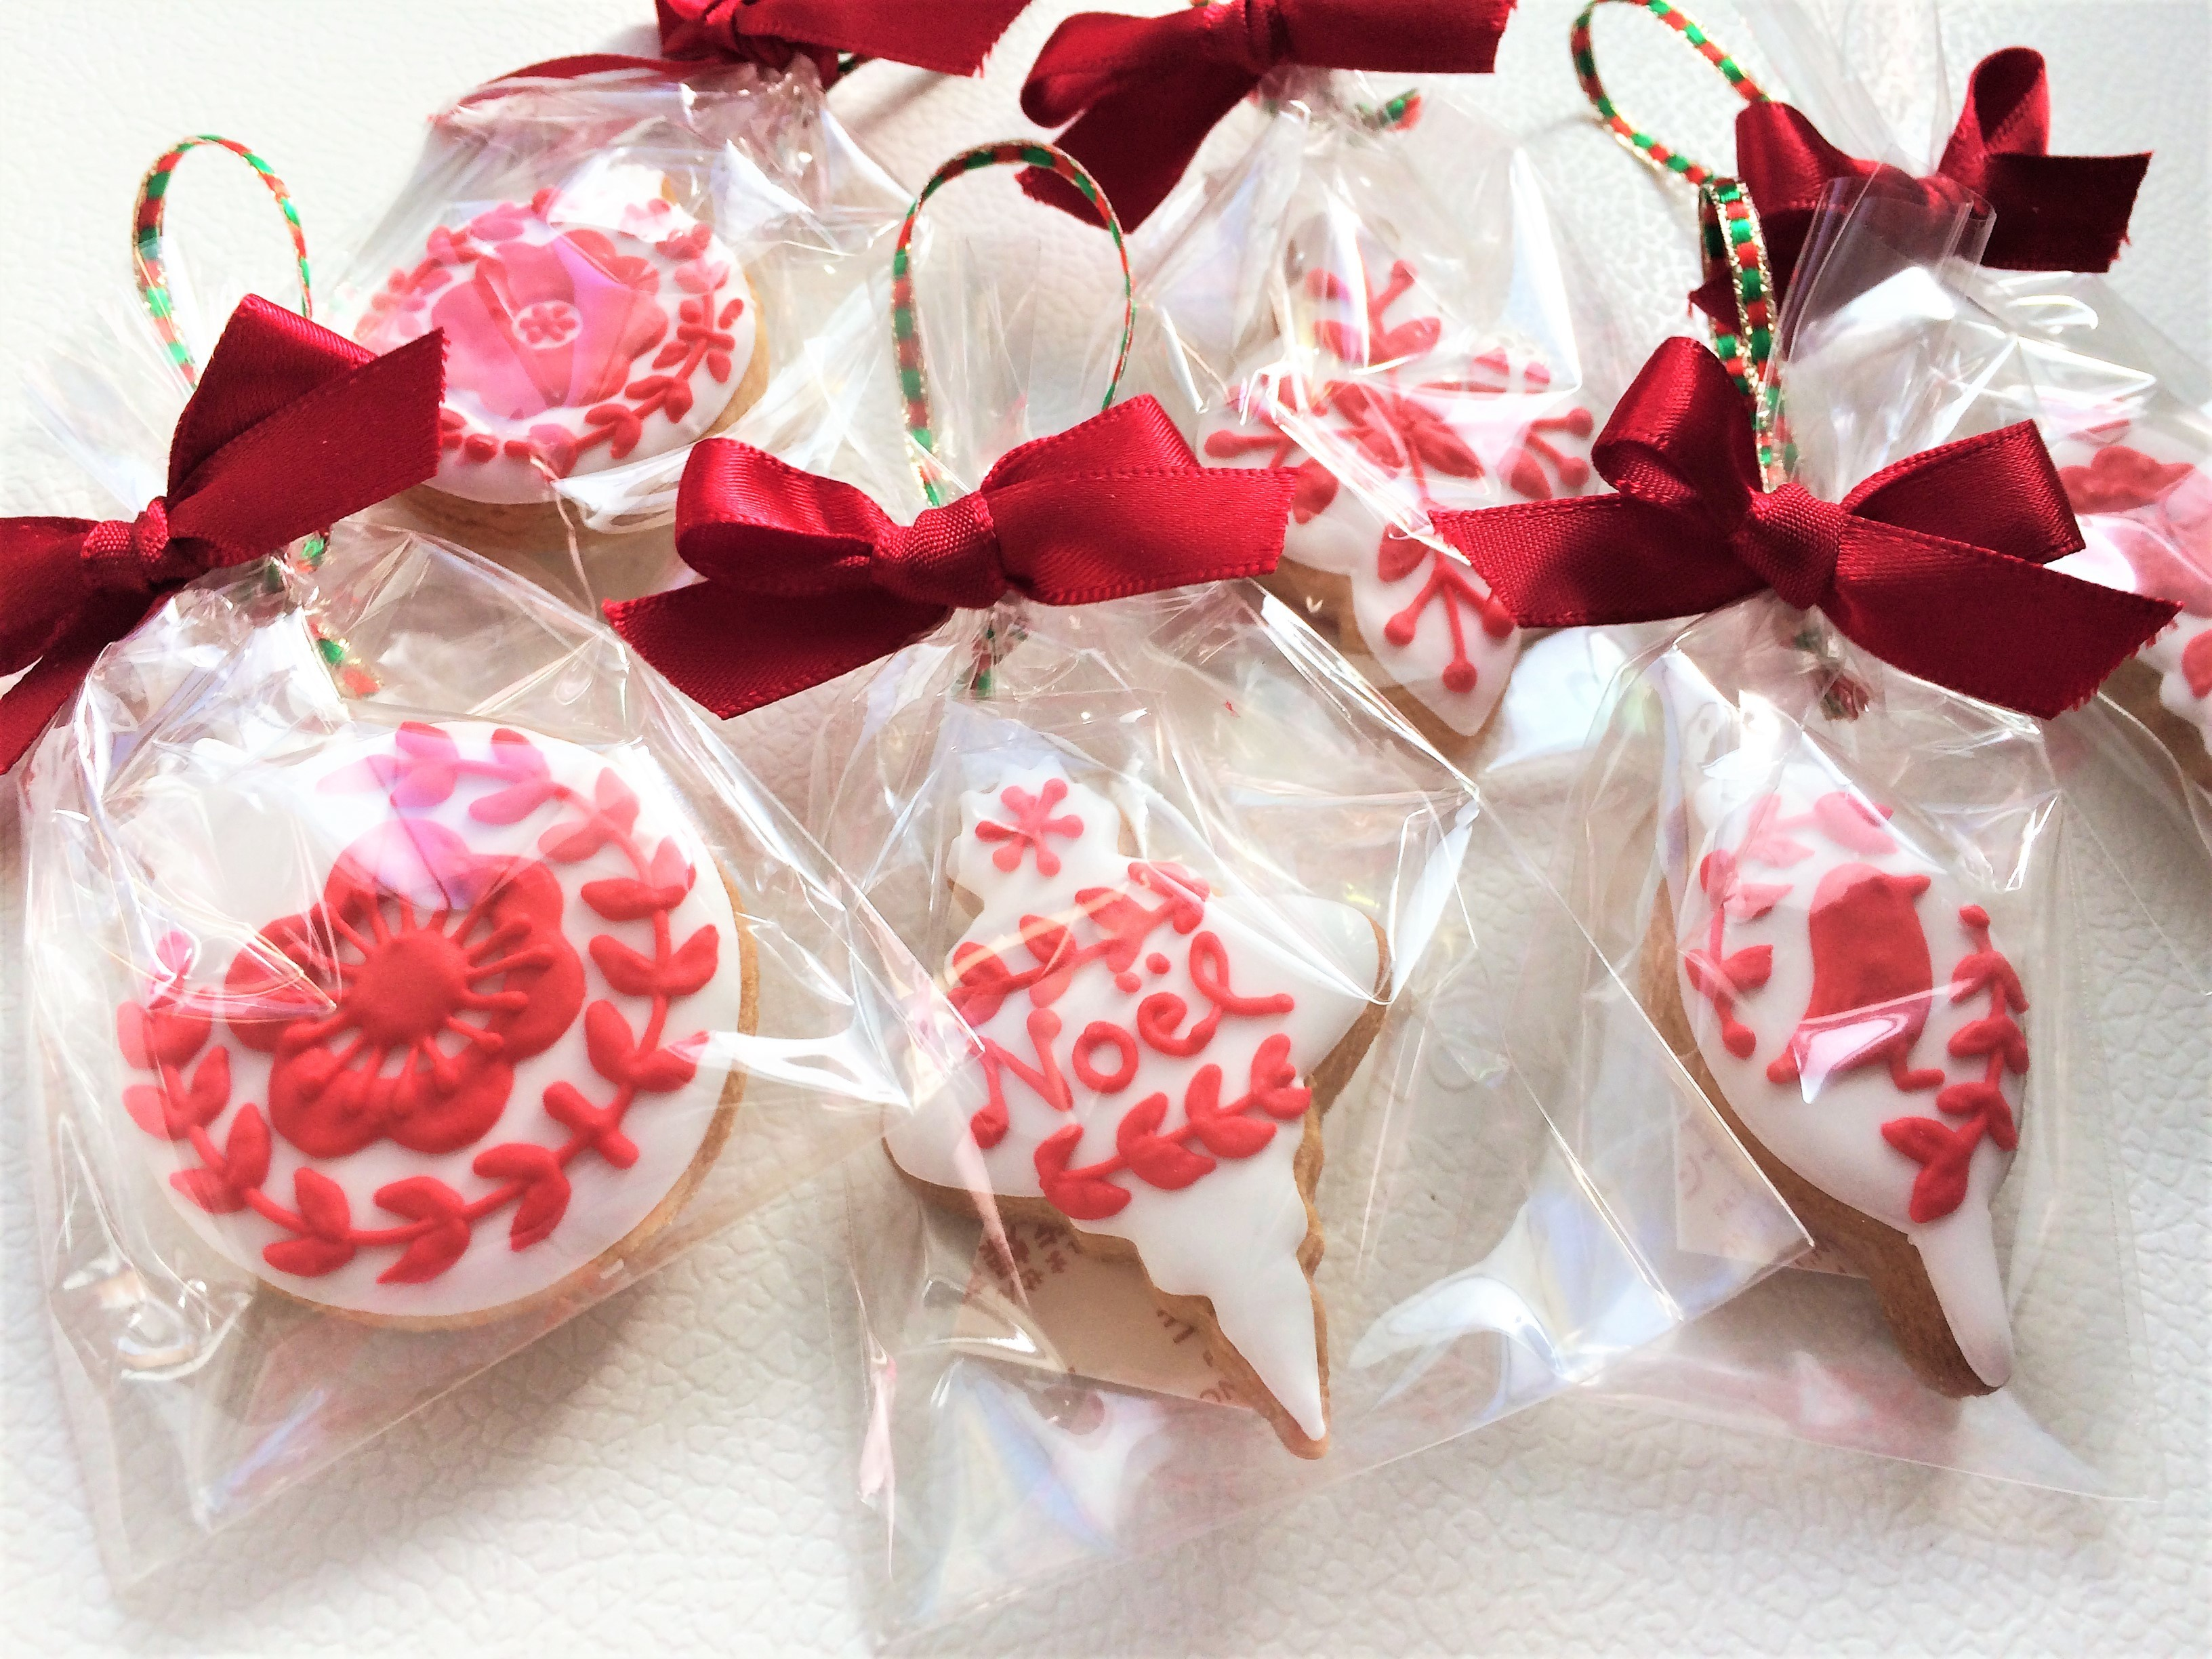 クリスマスミニオーナメント☆アイシングクッキーセット